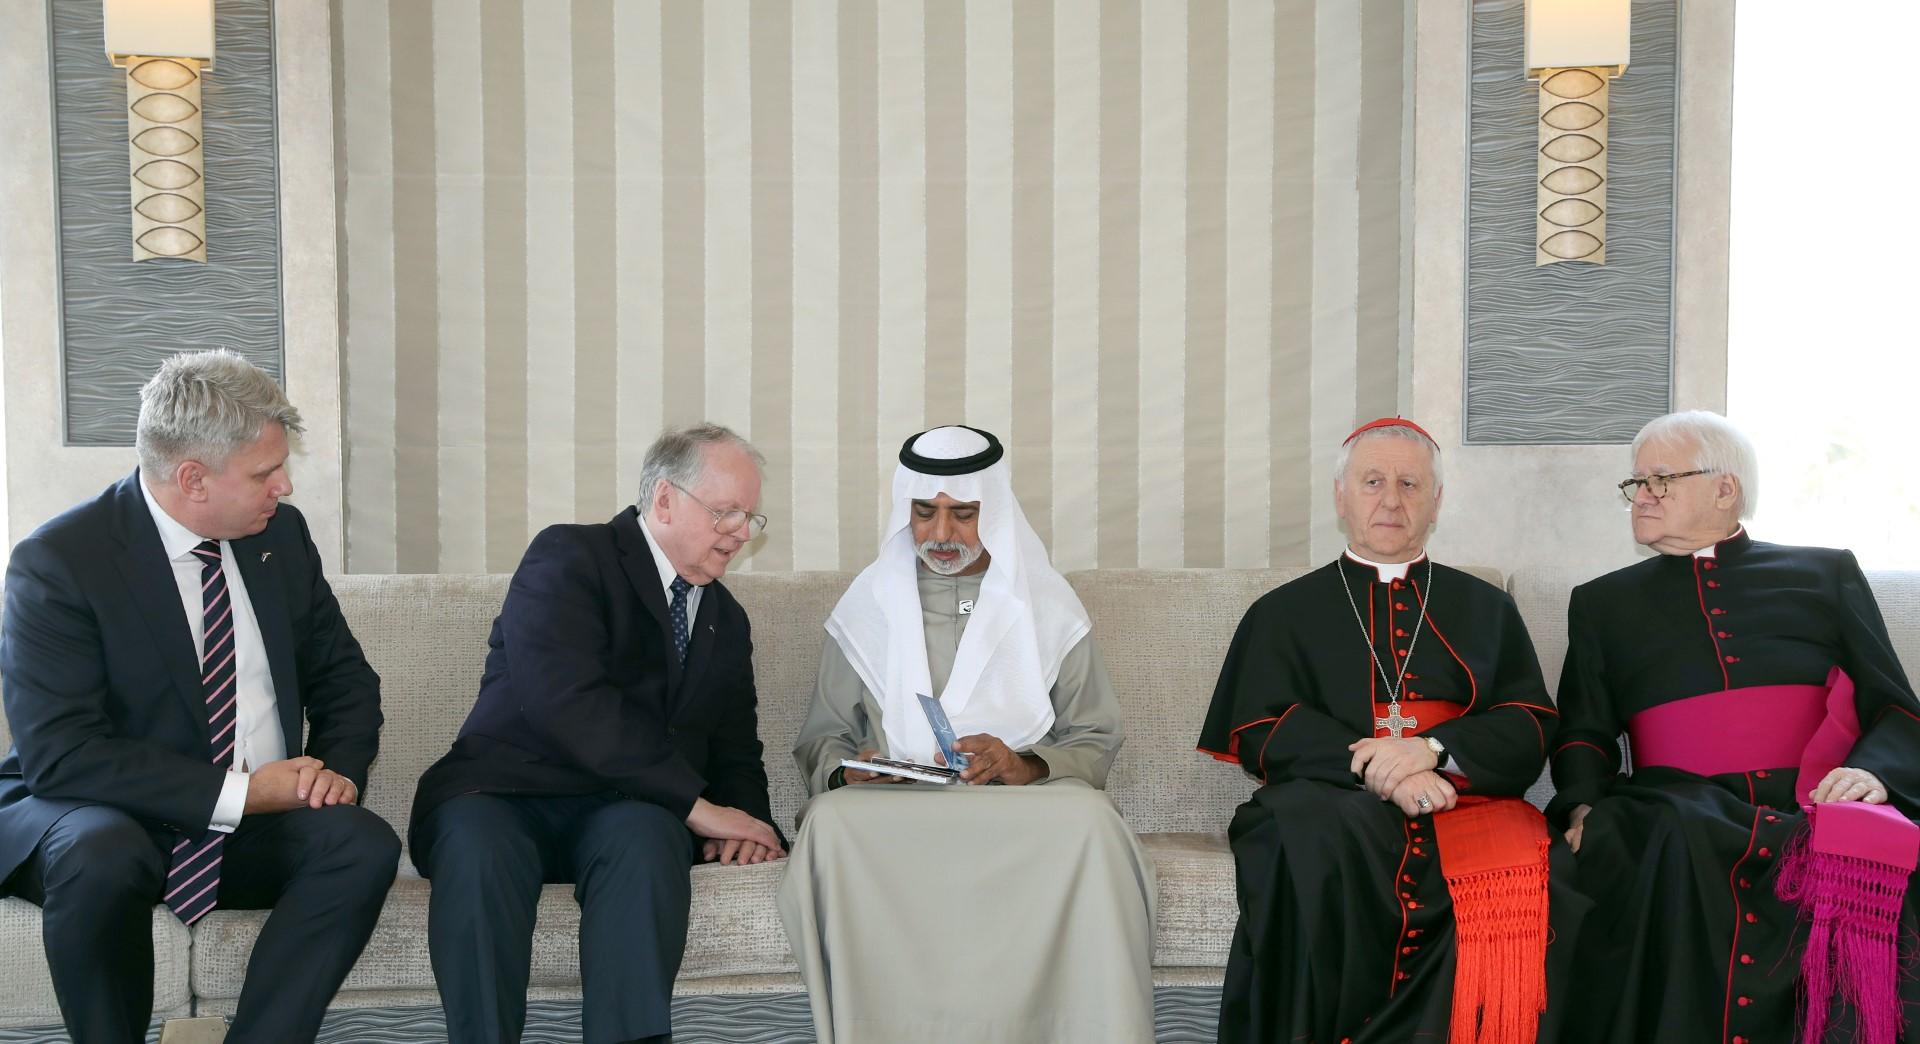 نهيان بن مبارك يستقبل وفدا من الفاتيكان ورئيس الشؤون الخارجية في البرلمان الإستوني